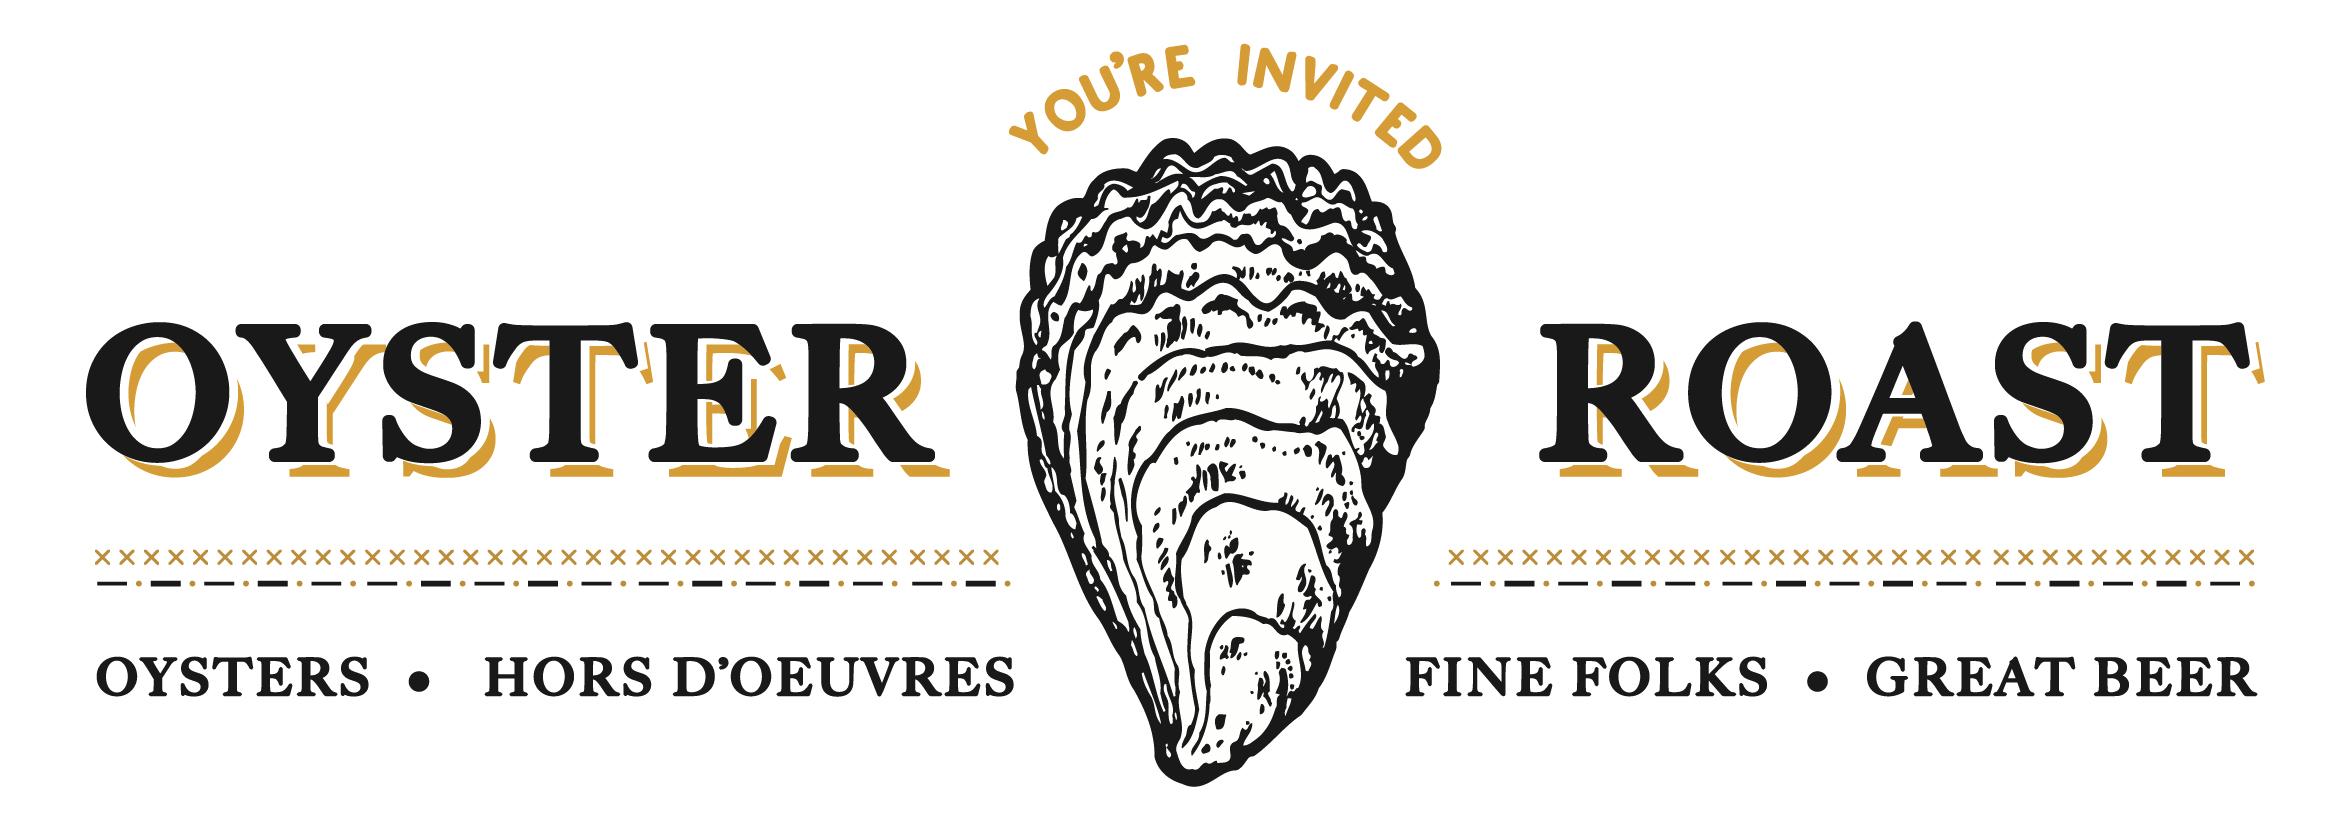 invite banner-01.jpg